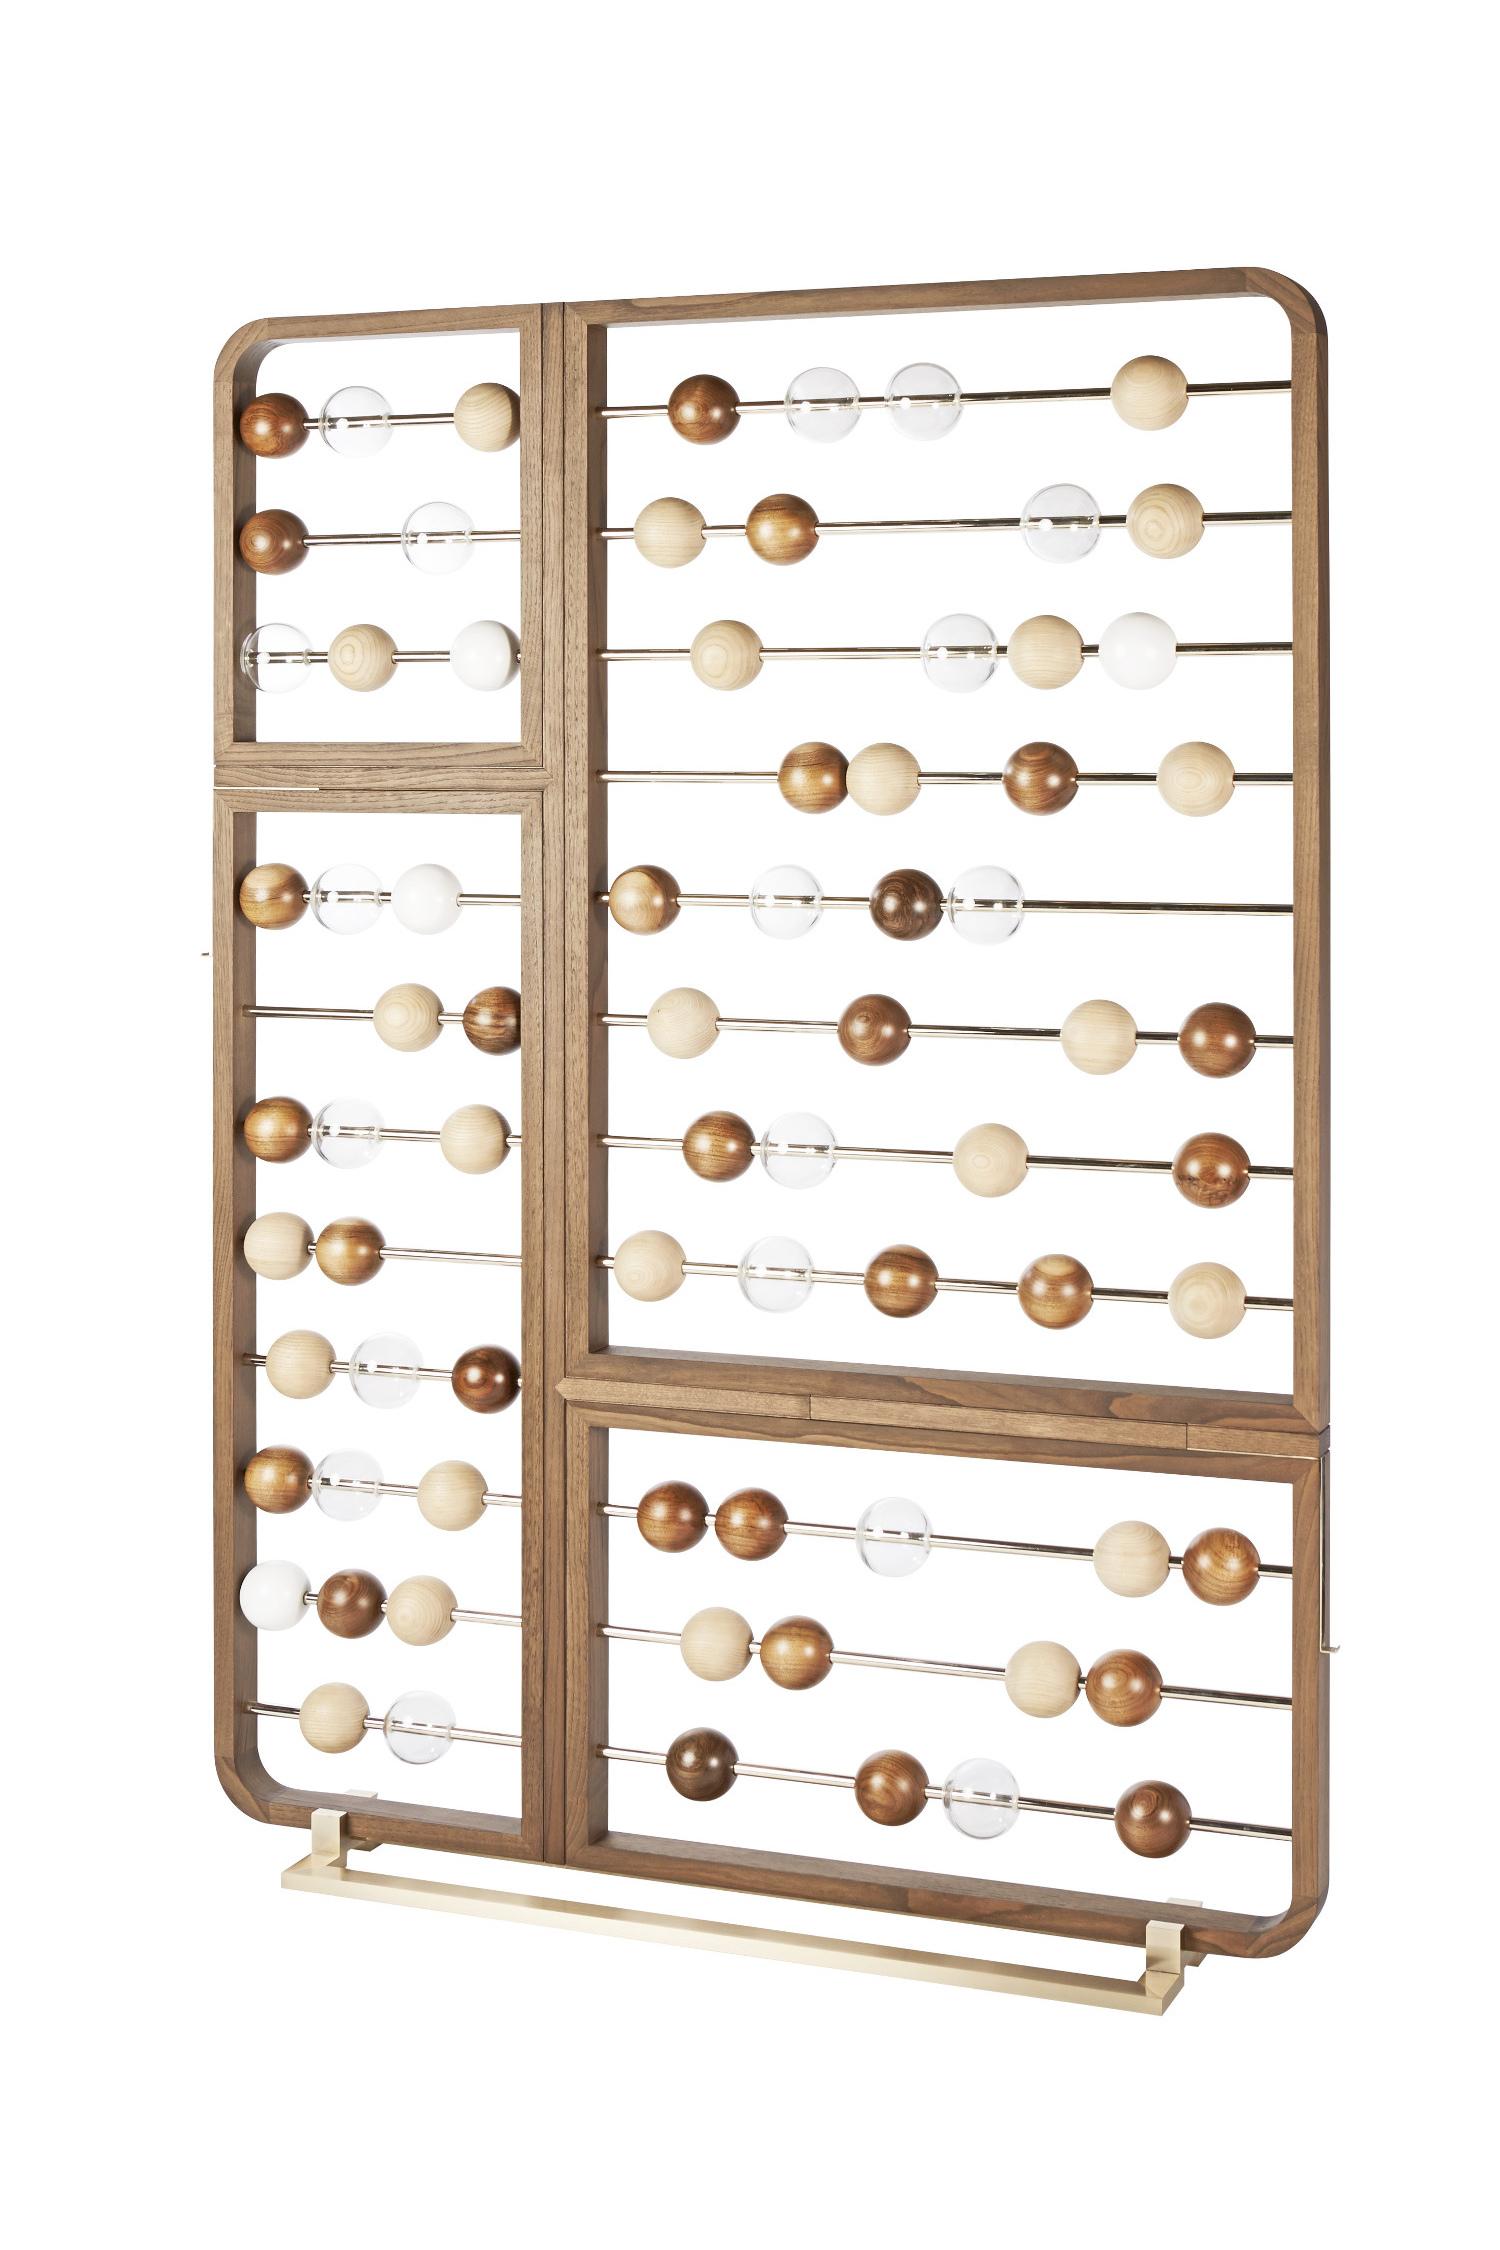 les riviÈres du temps - Abacus, design by Elliott Barnes —